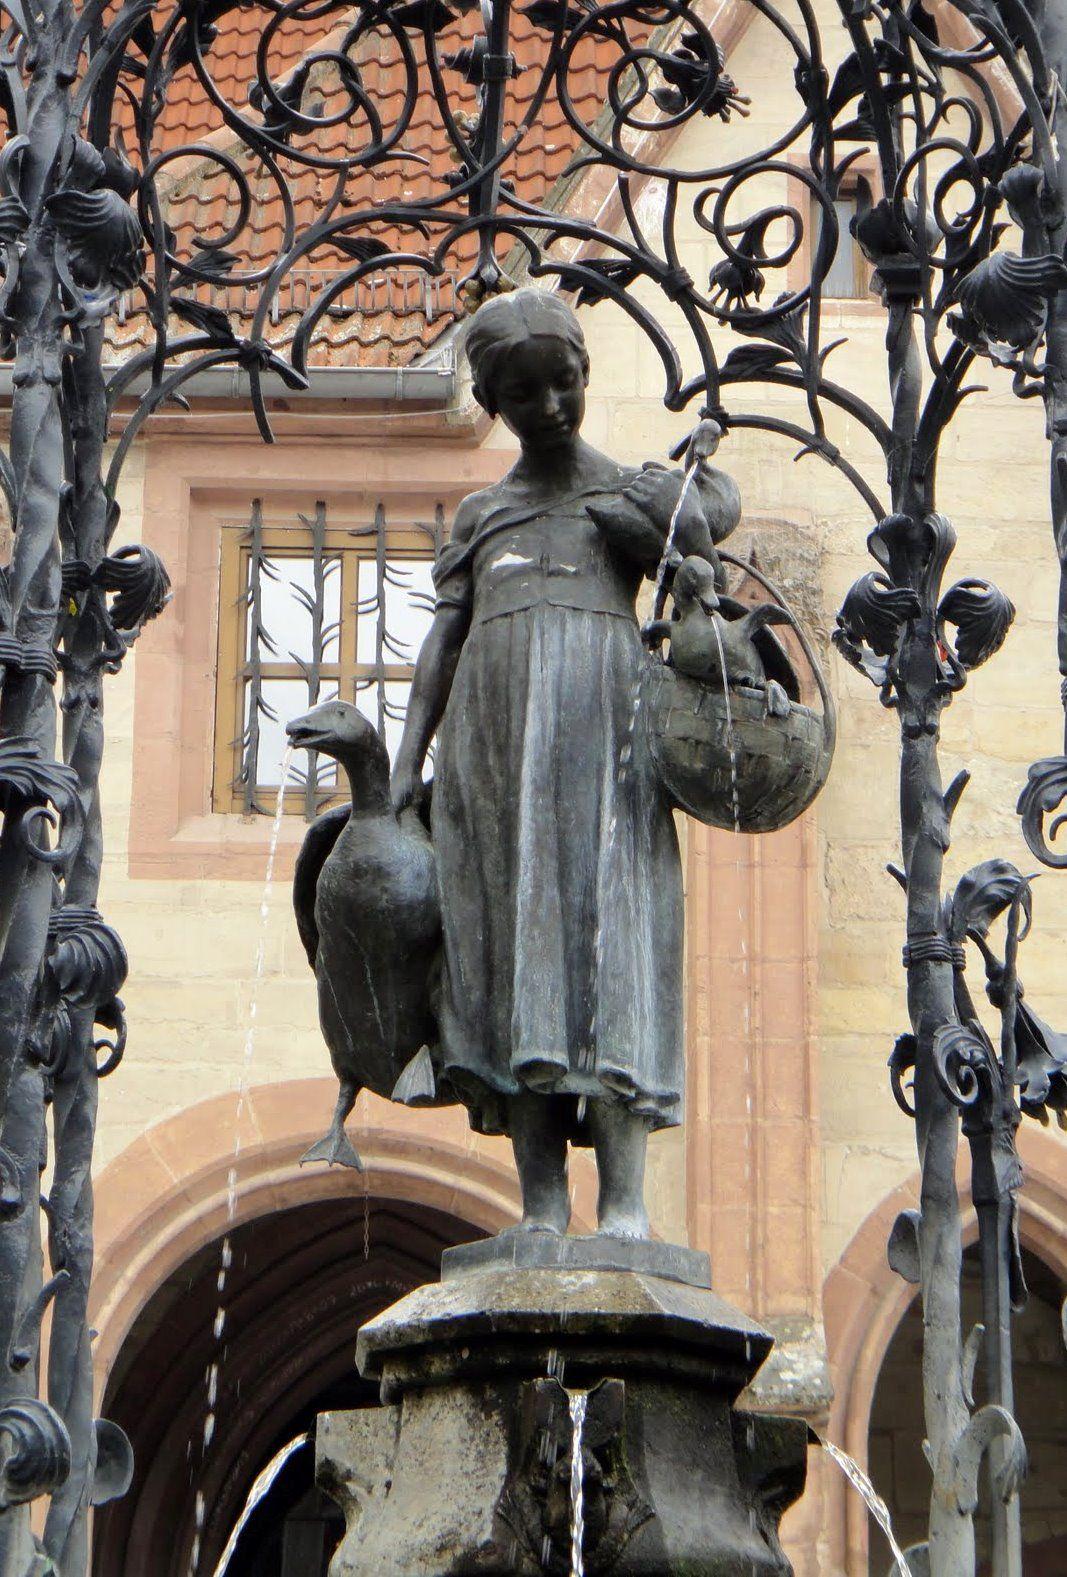 Gänseliesel, La ragazza con le oche, a Gottingen. Famosa per essere la ragazza più baciata al mondo. Infatti la tradizione vuole che ogni neo laureato dell'università di quella città, scali e baci la statua.